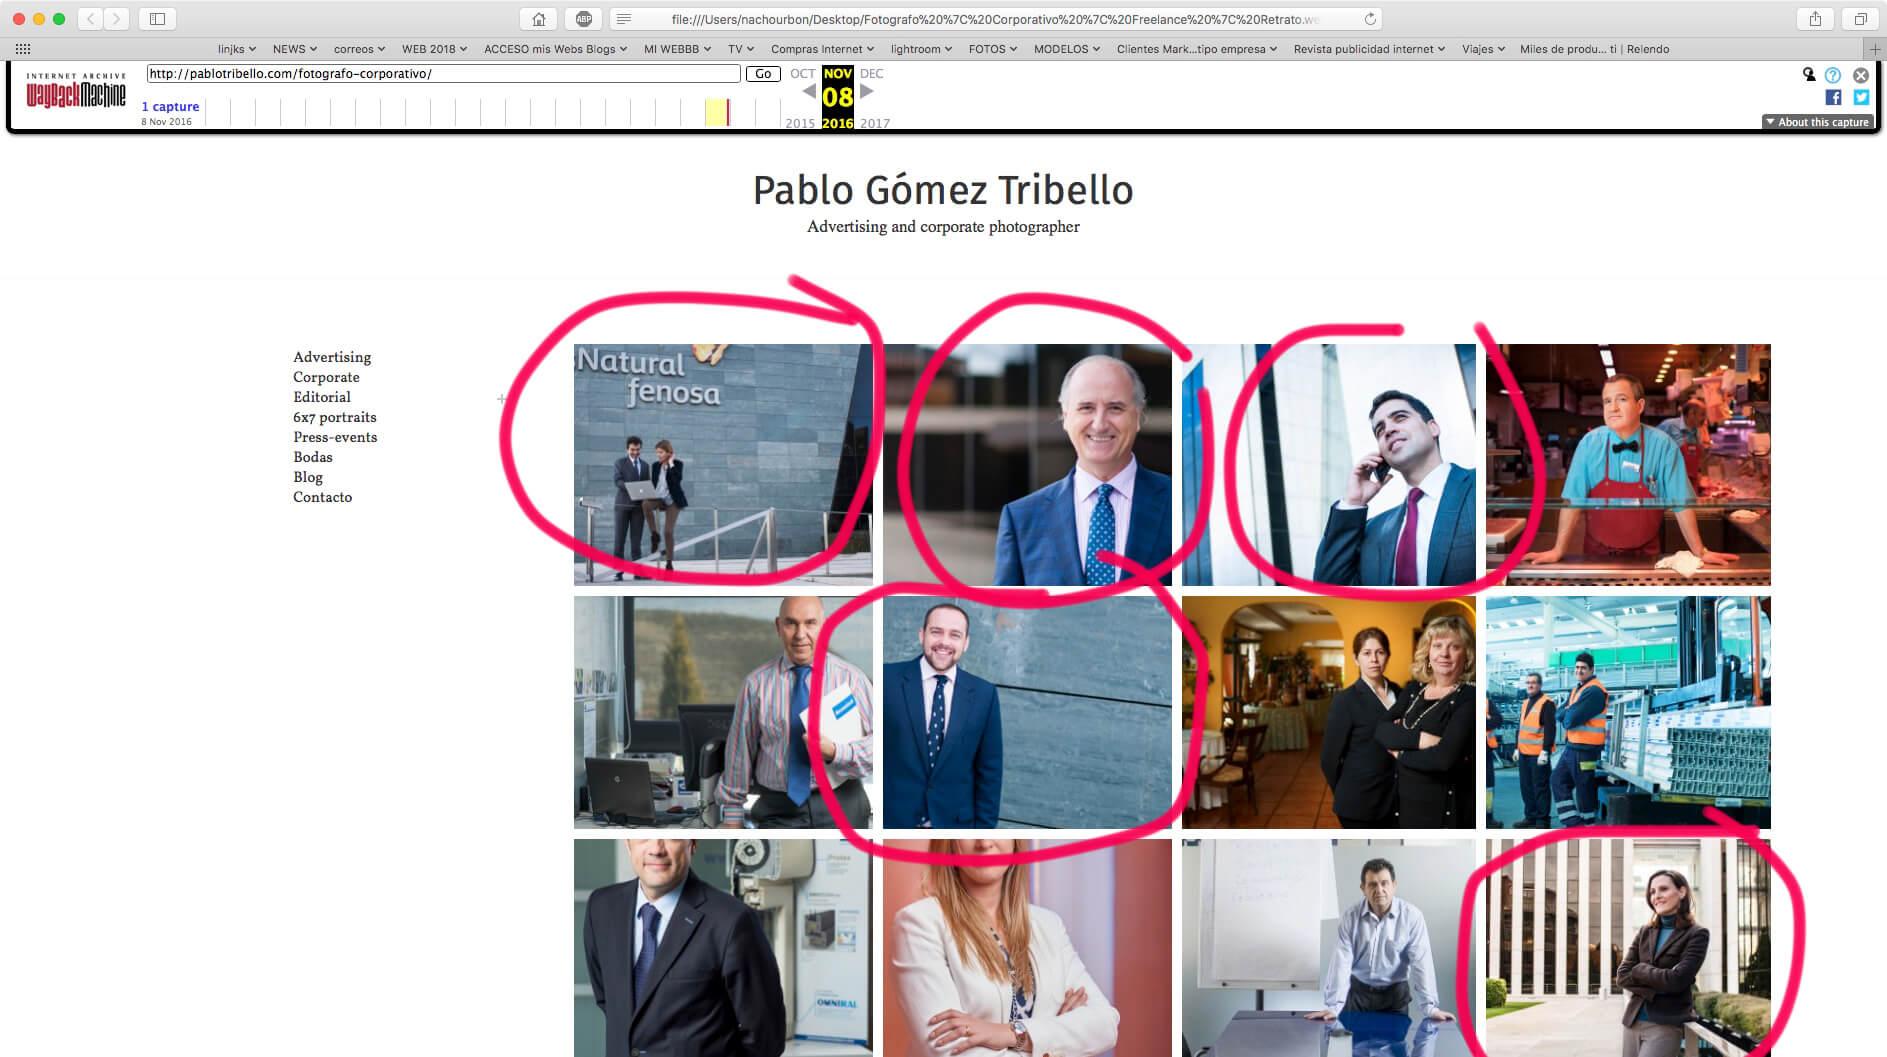 pablo-tribello-falsos-clientes